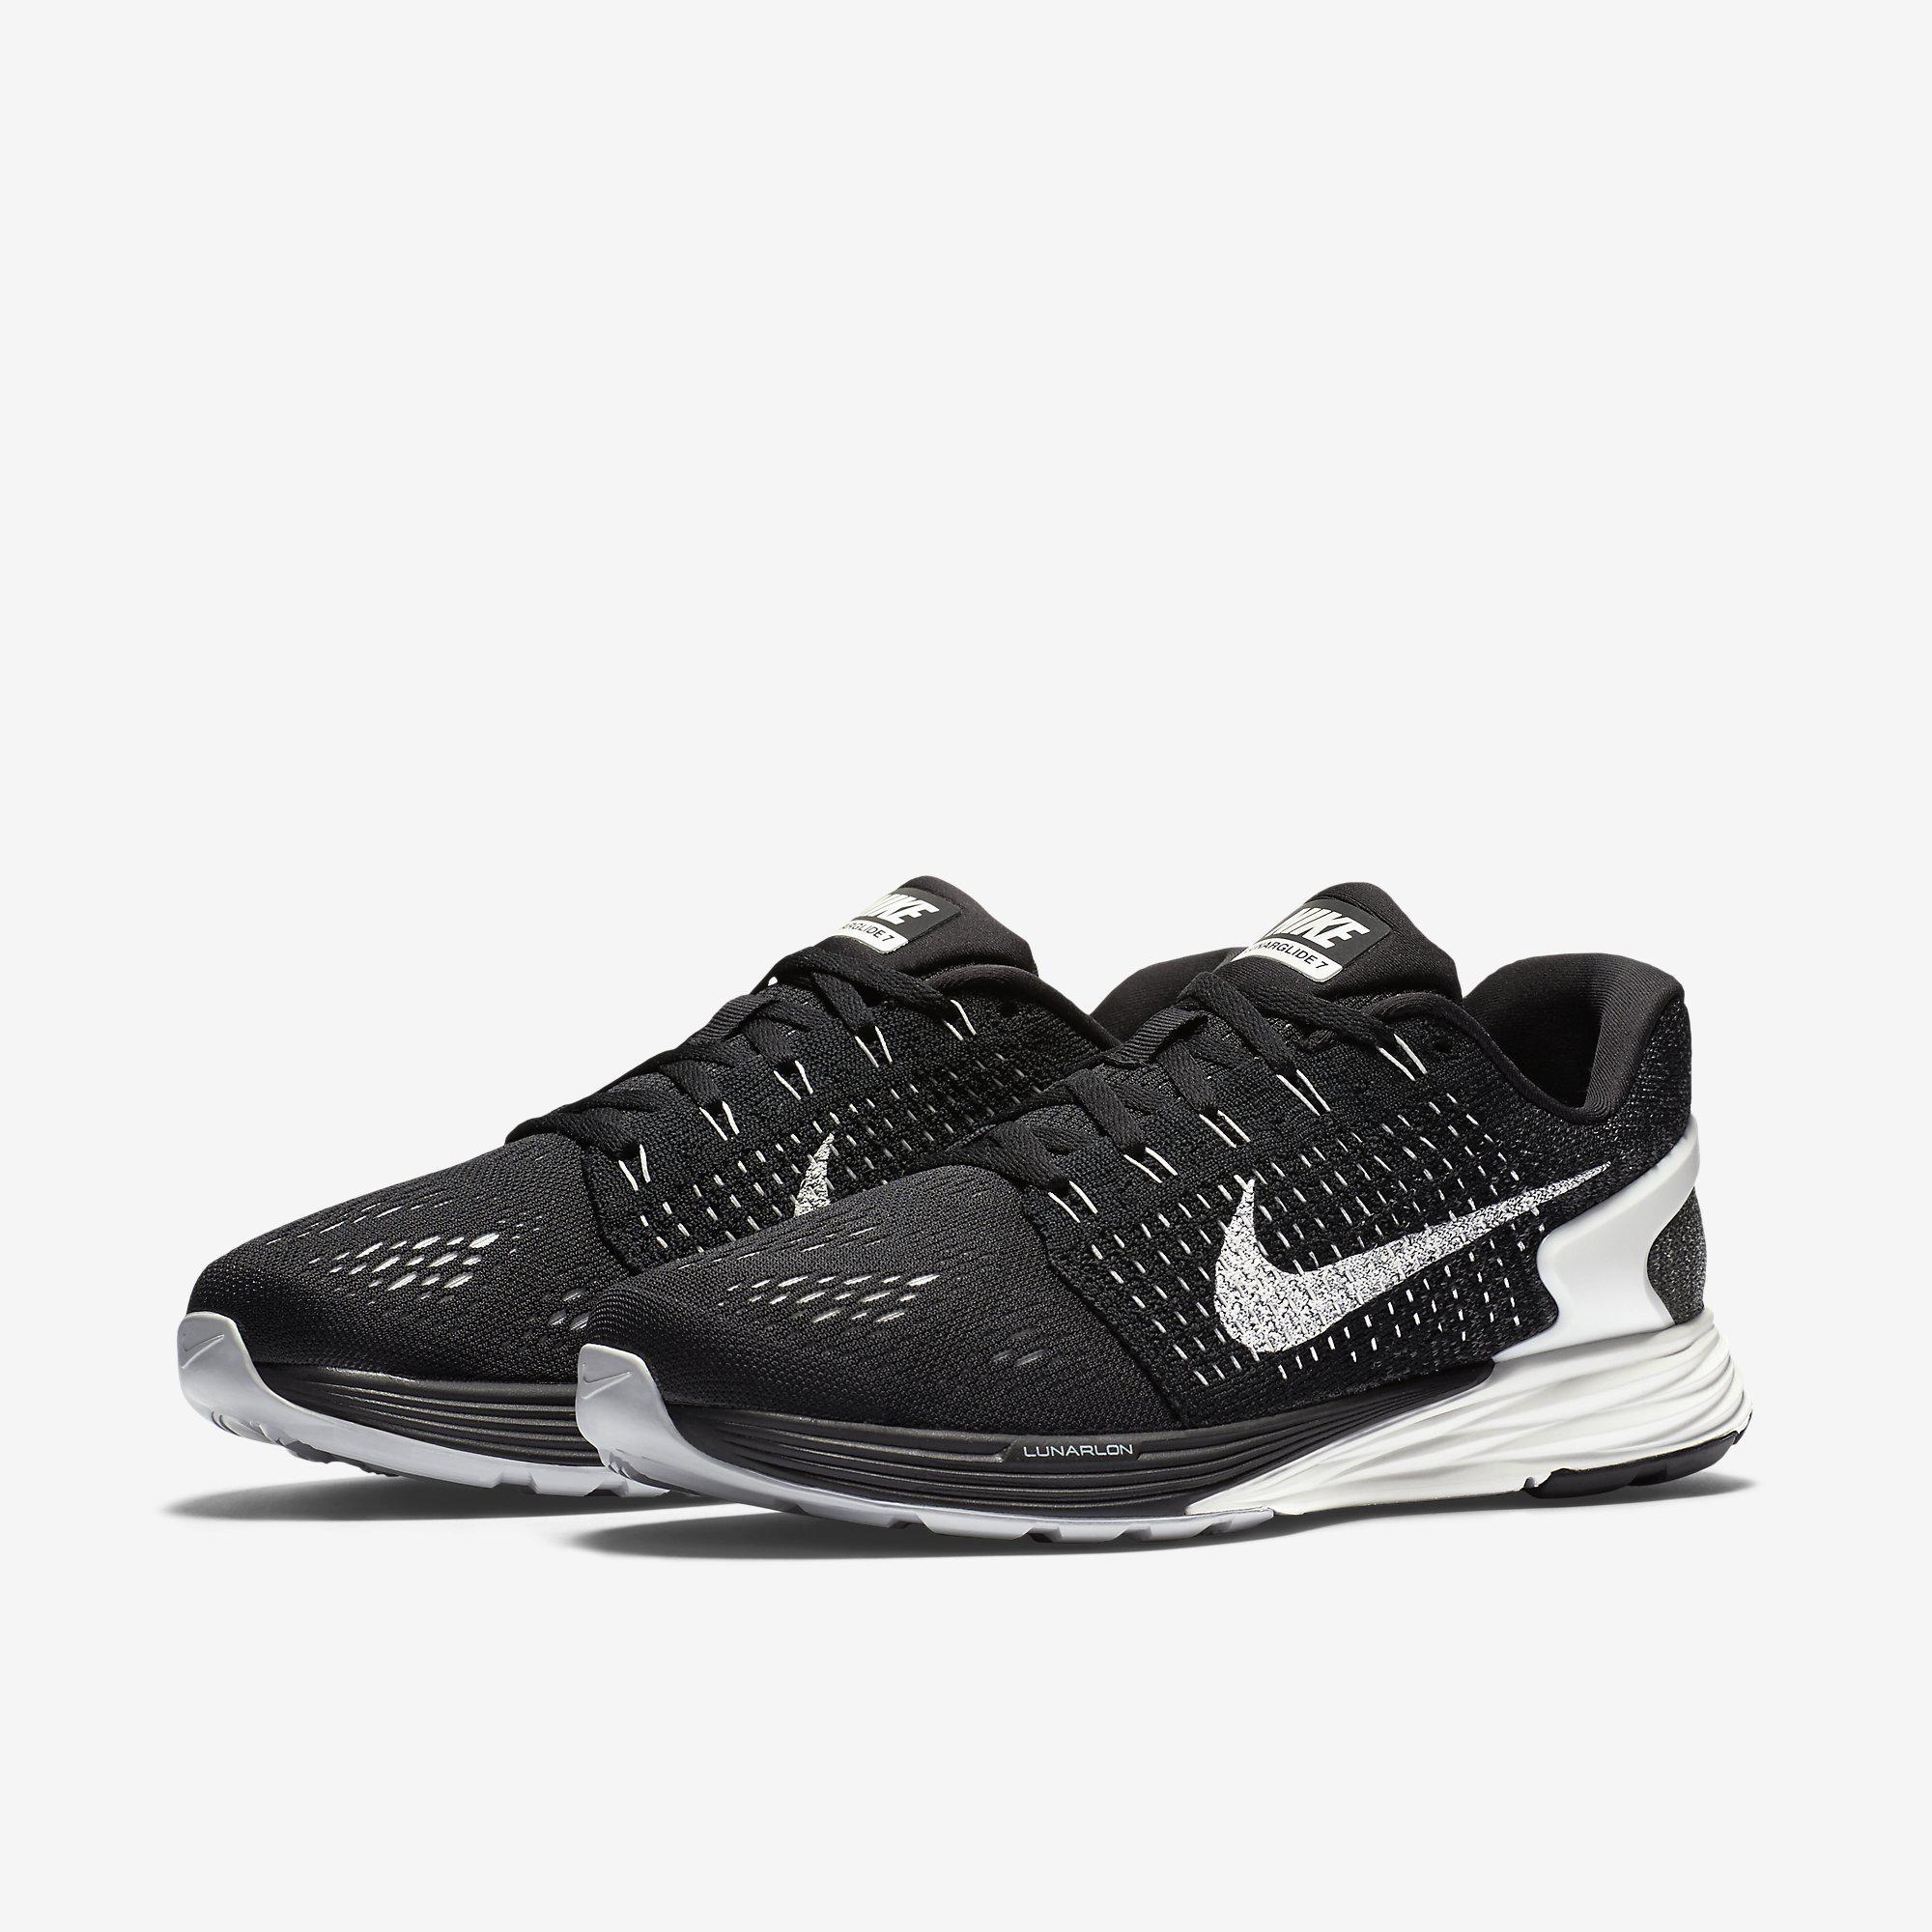 separation shoes 7cbf9 3637d sweden nike lunarglide 5 black d83ac 81c7b